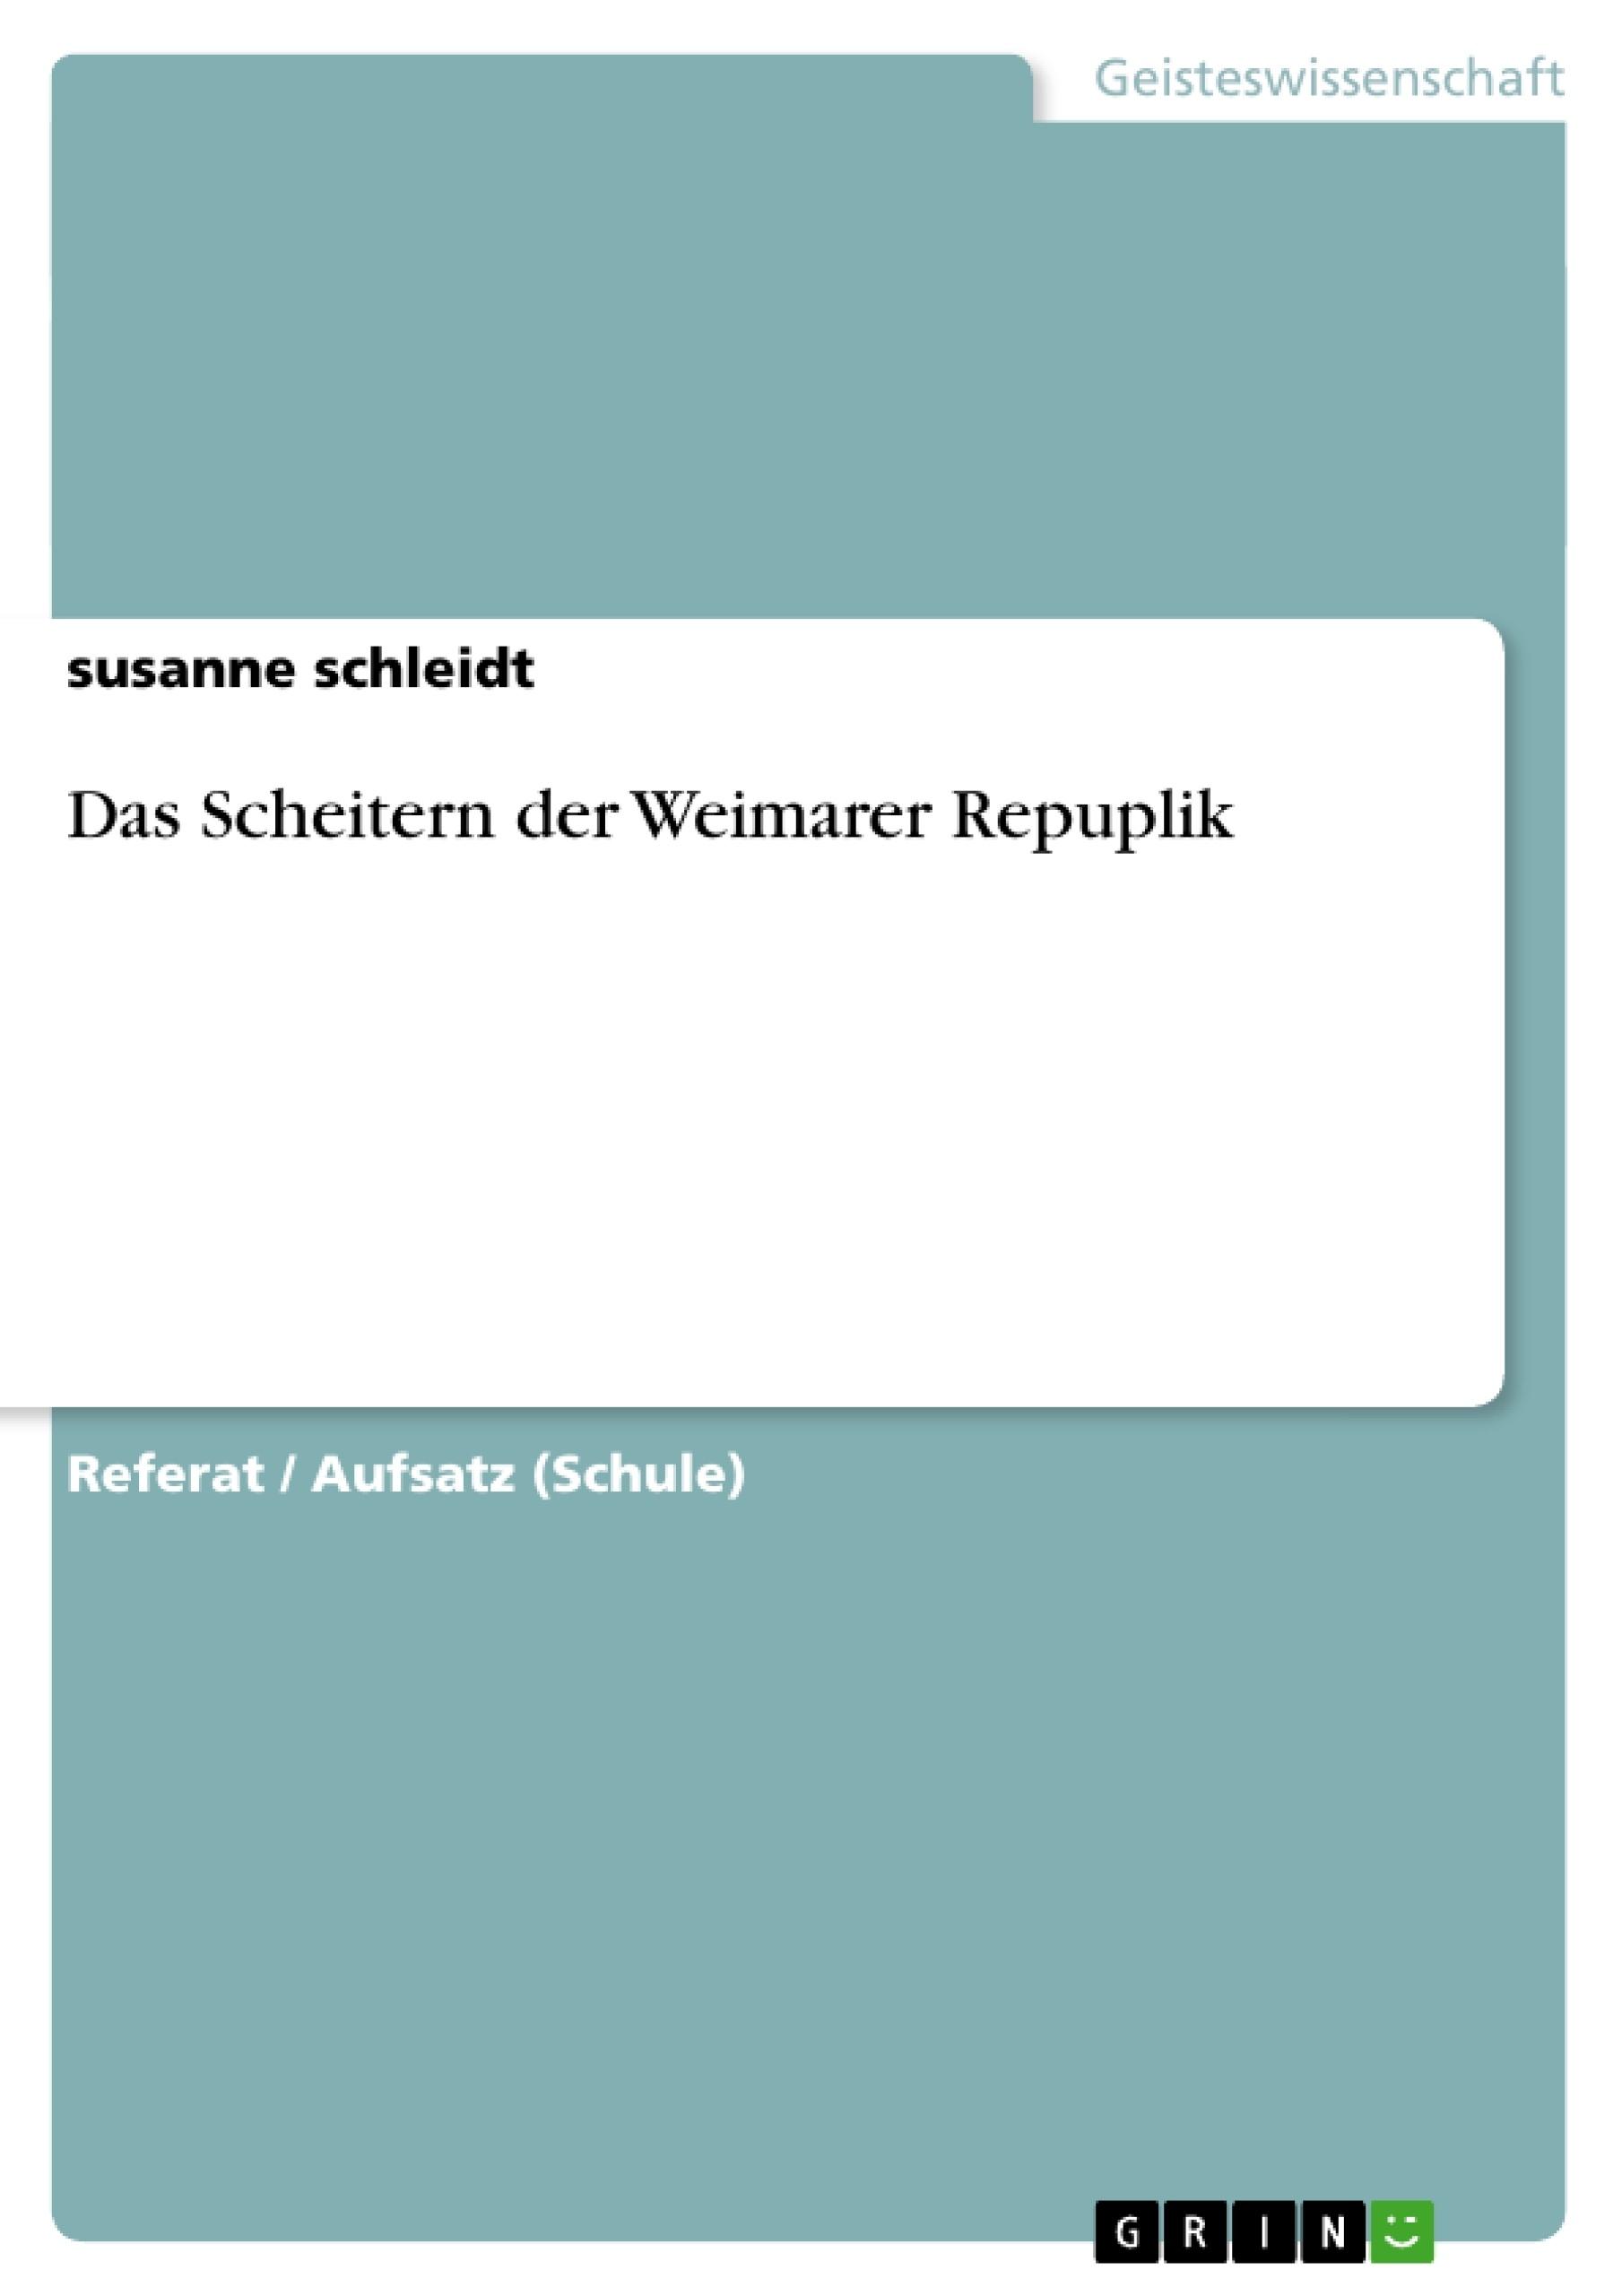 Titel: Das Scheitern der Weimarer Repuplik